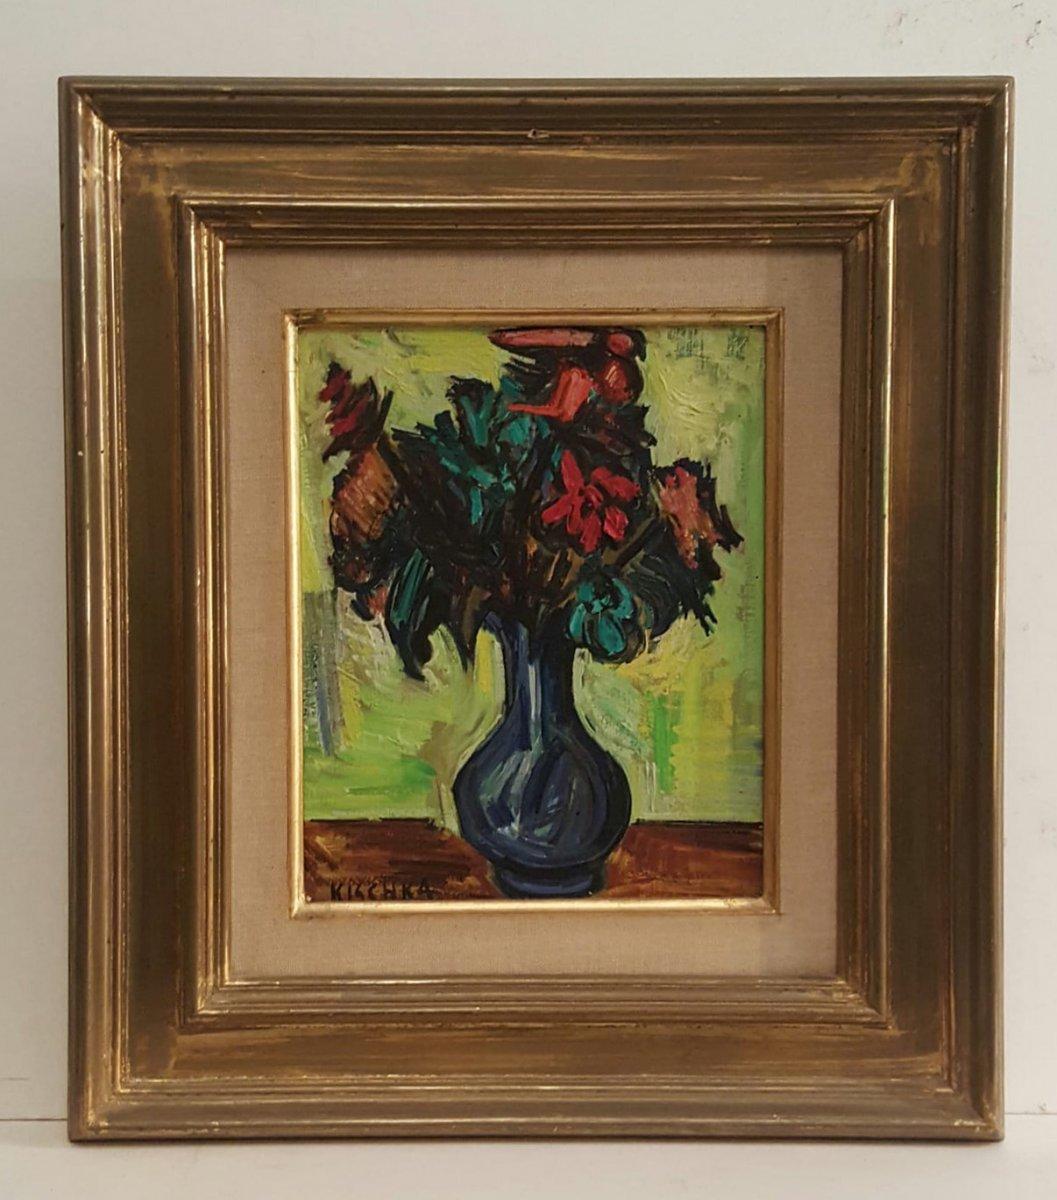 Vase bleu au fond vert  de Isis Kischka. Huile sur toile